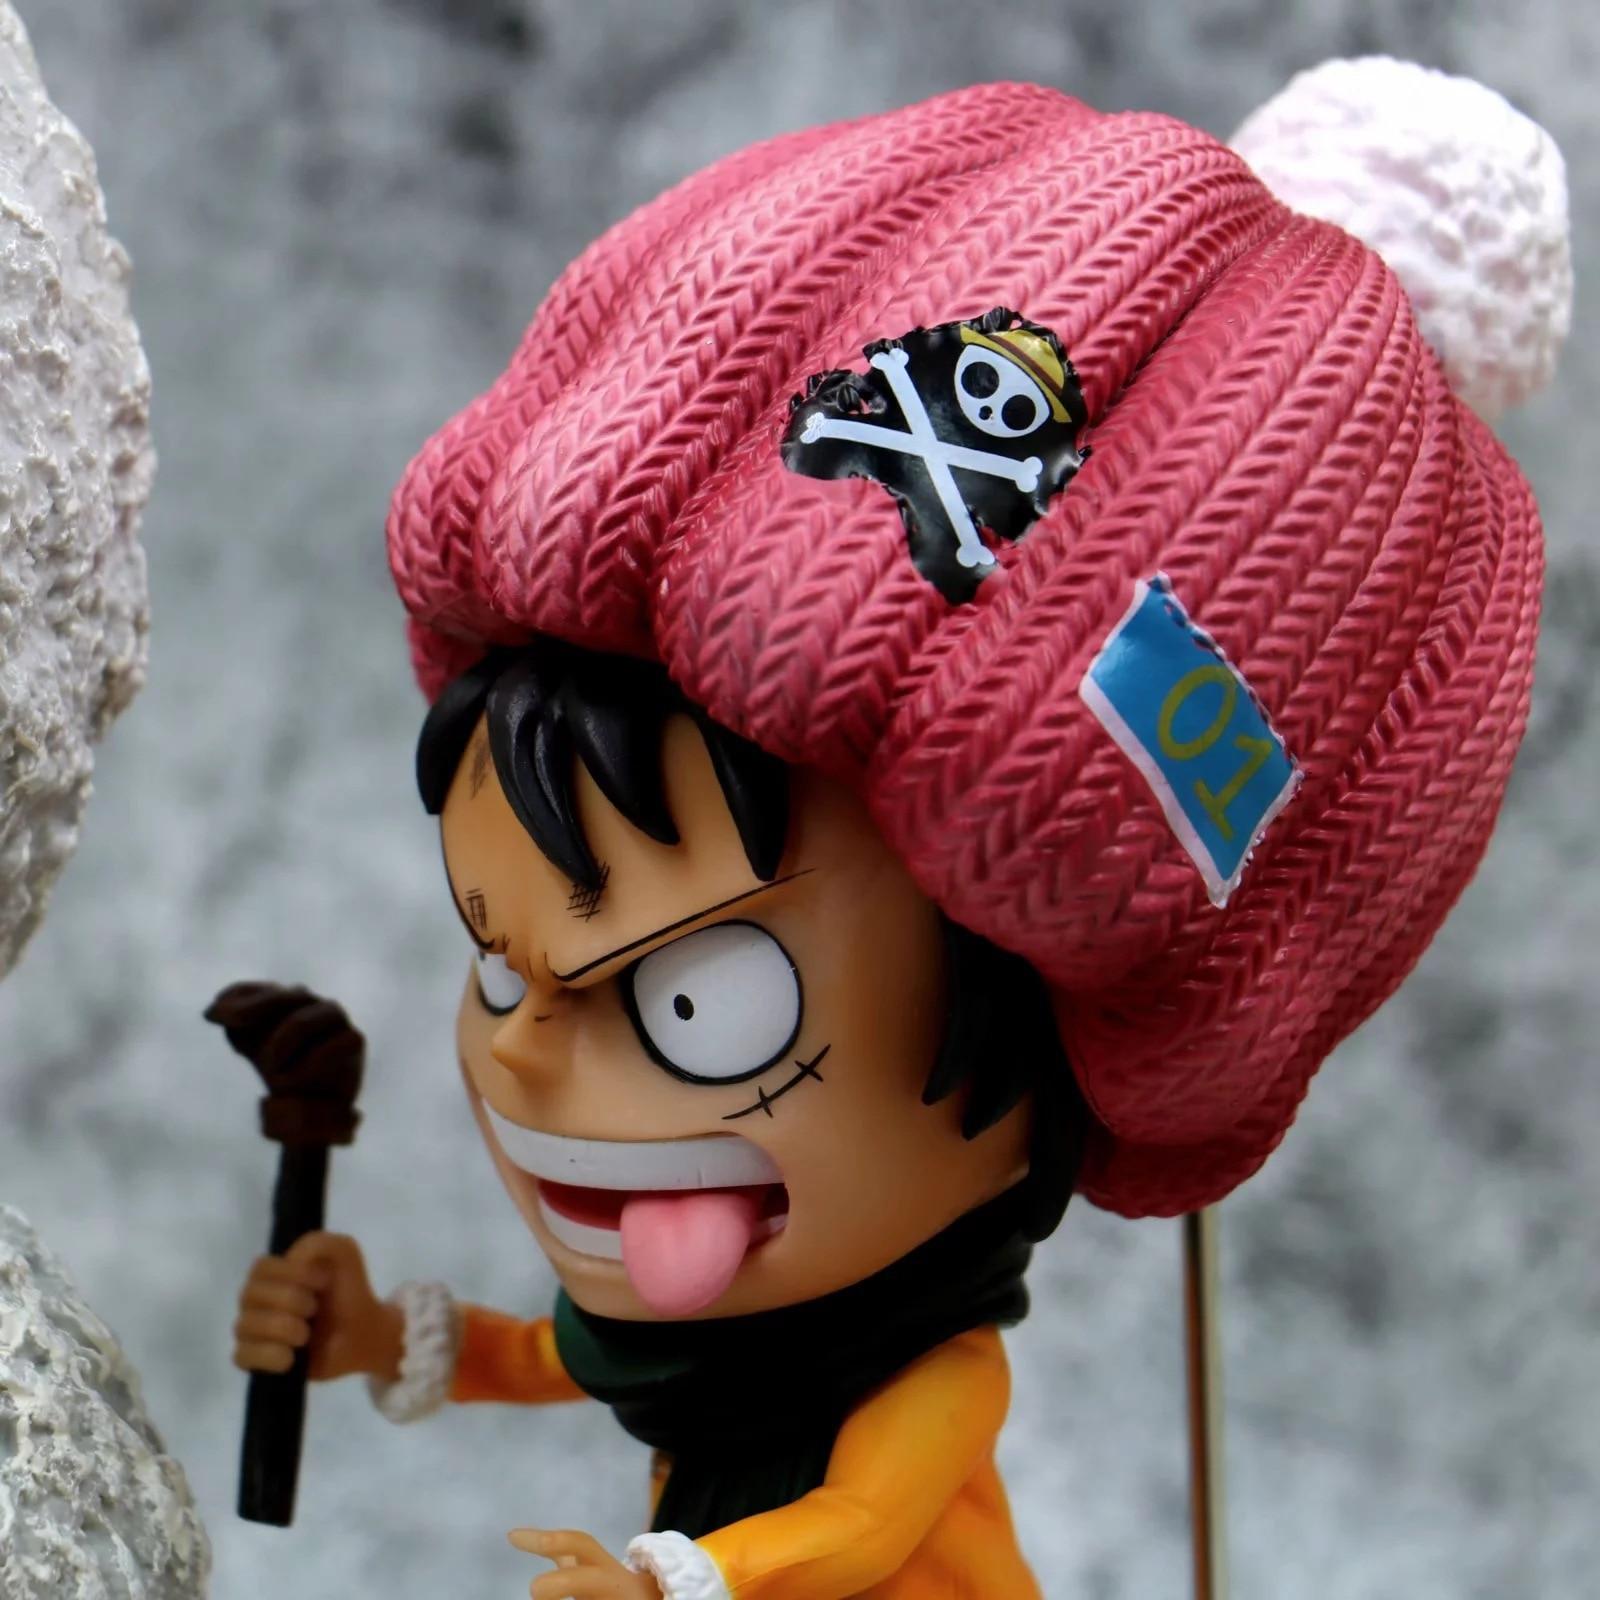 Hoed sneeuwpop Mascotte Kostuum Kostuums Cosplay Party Game Jurk Outfits Kleding Reclame Promotie Carnaval Halloween - 4